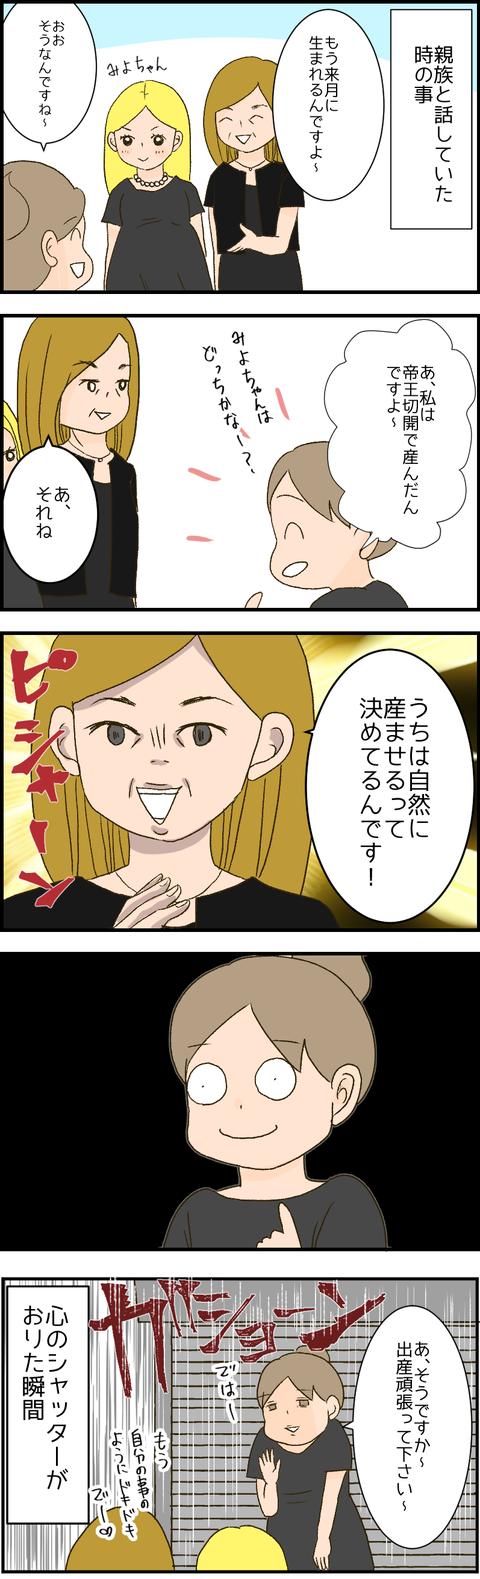 シャッター2